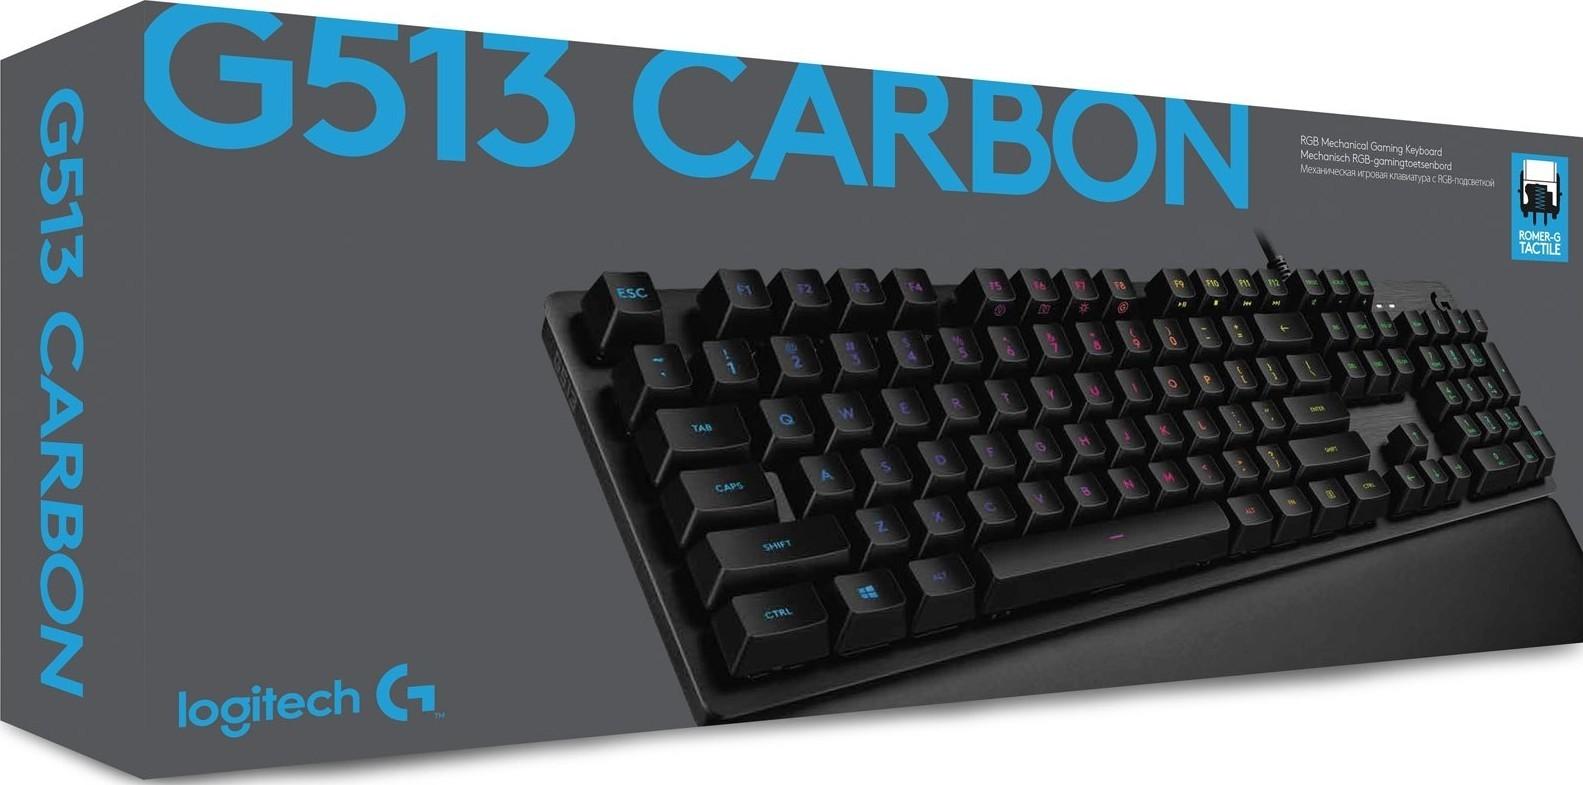 Logitech G512 Carbon RGB Mechanical Gaming Keyboard - Tactile